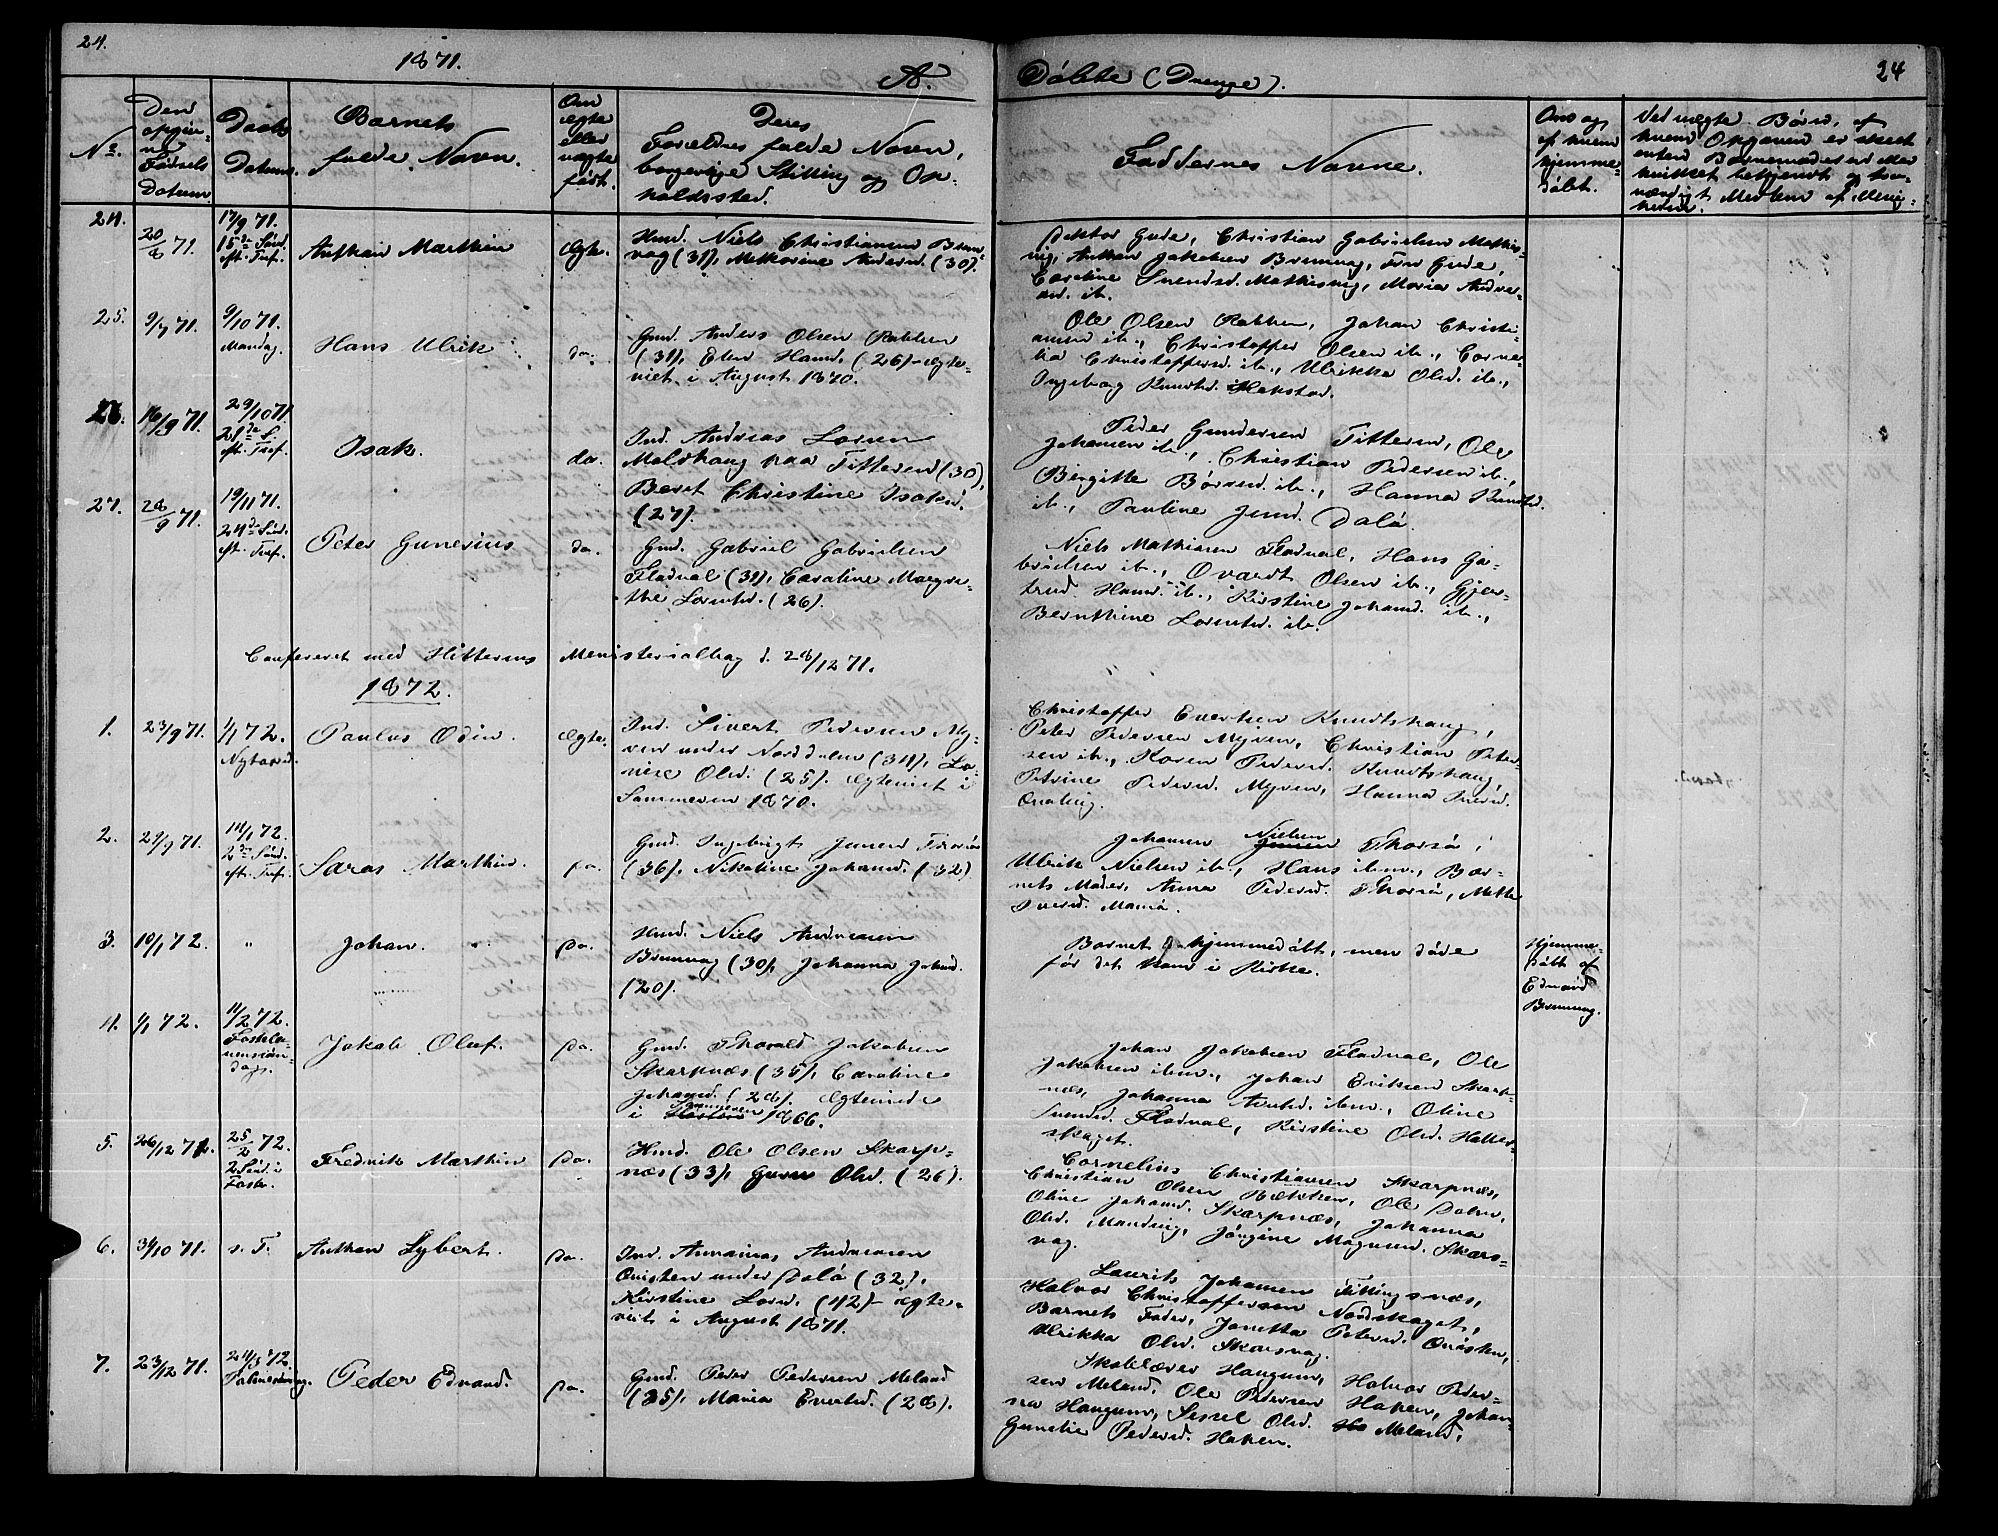 SAT, Ministerialprotokoller, klokkerbøker og fødselsregistre - Sør-Trøndelag, 634/L0539: Klokkerbok nr. 634C01, 1866-1873, s. 24